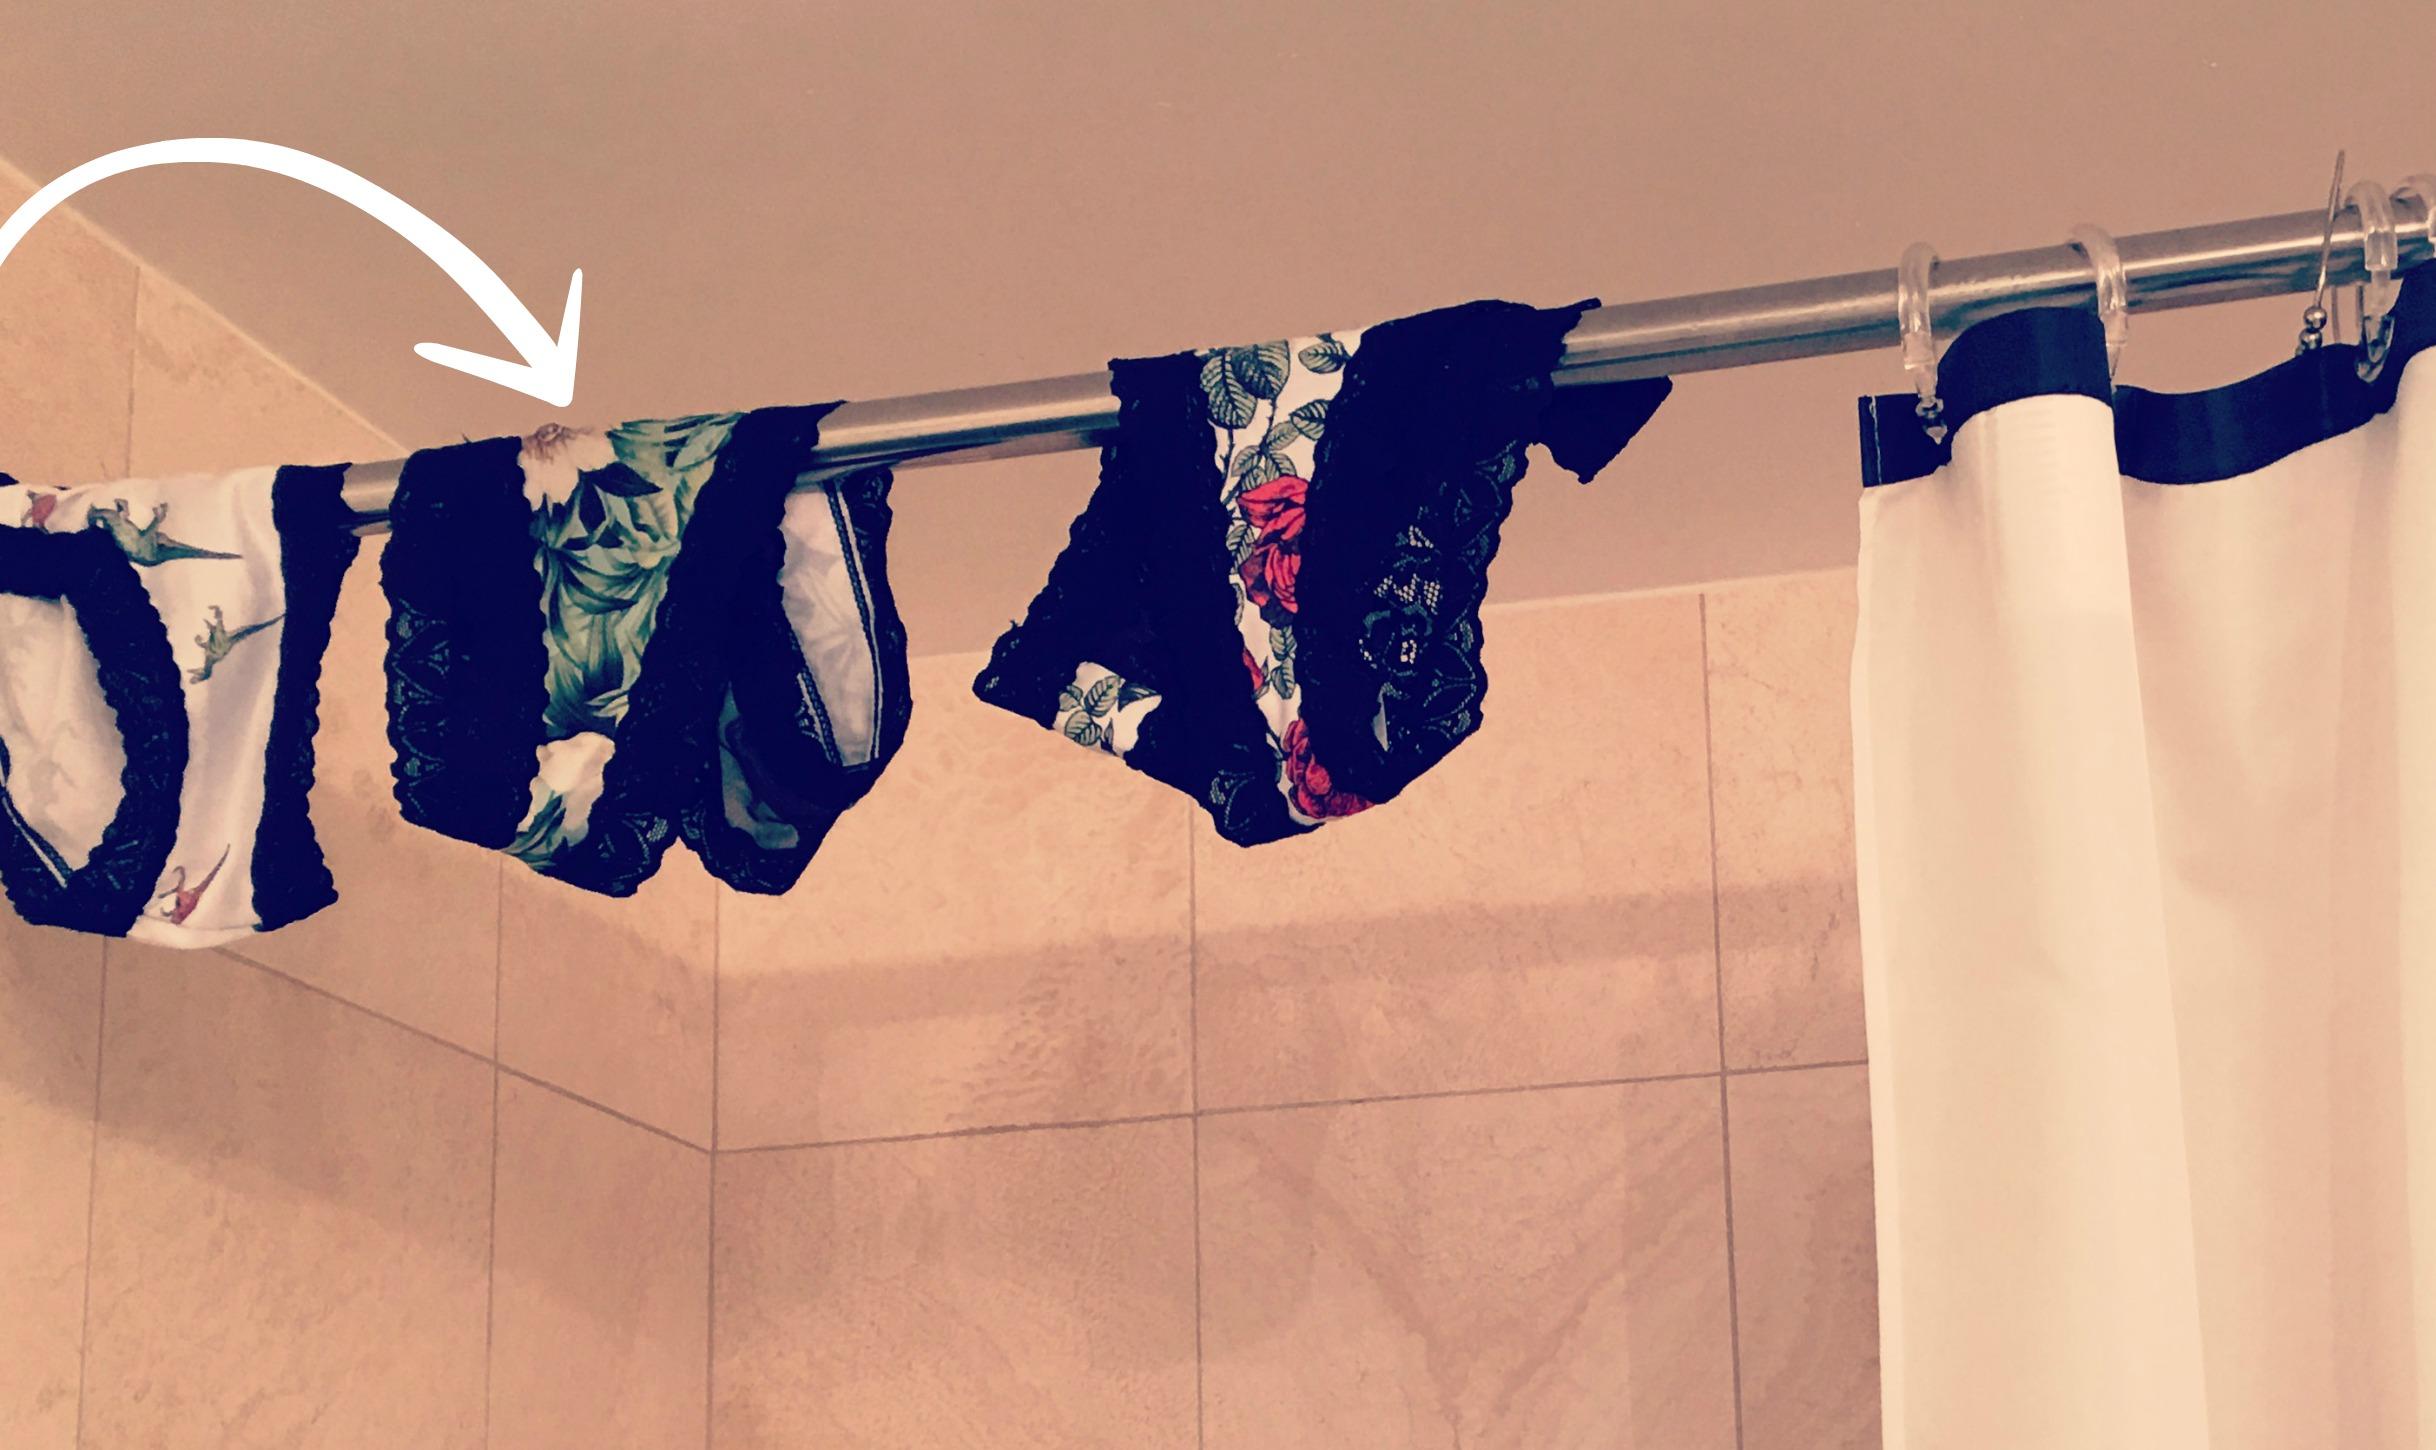 Por qu lavamos los panties en la ducha y otras cinco for Porque gotea la regadera